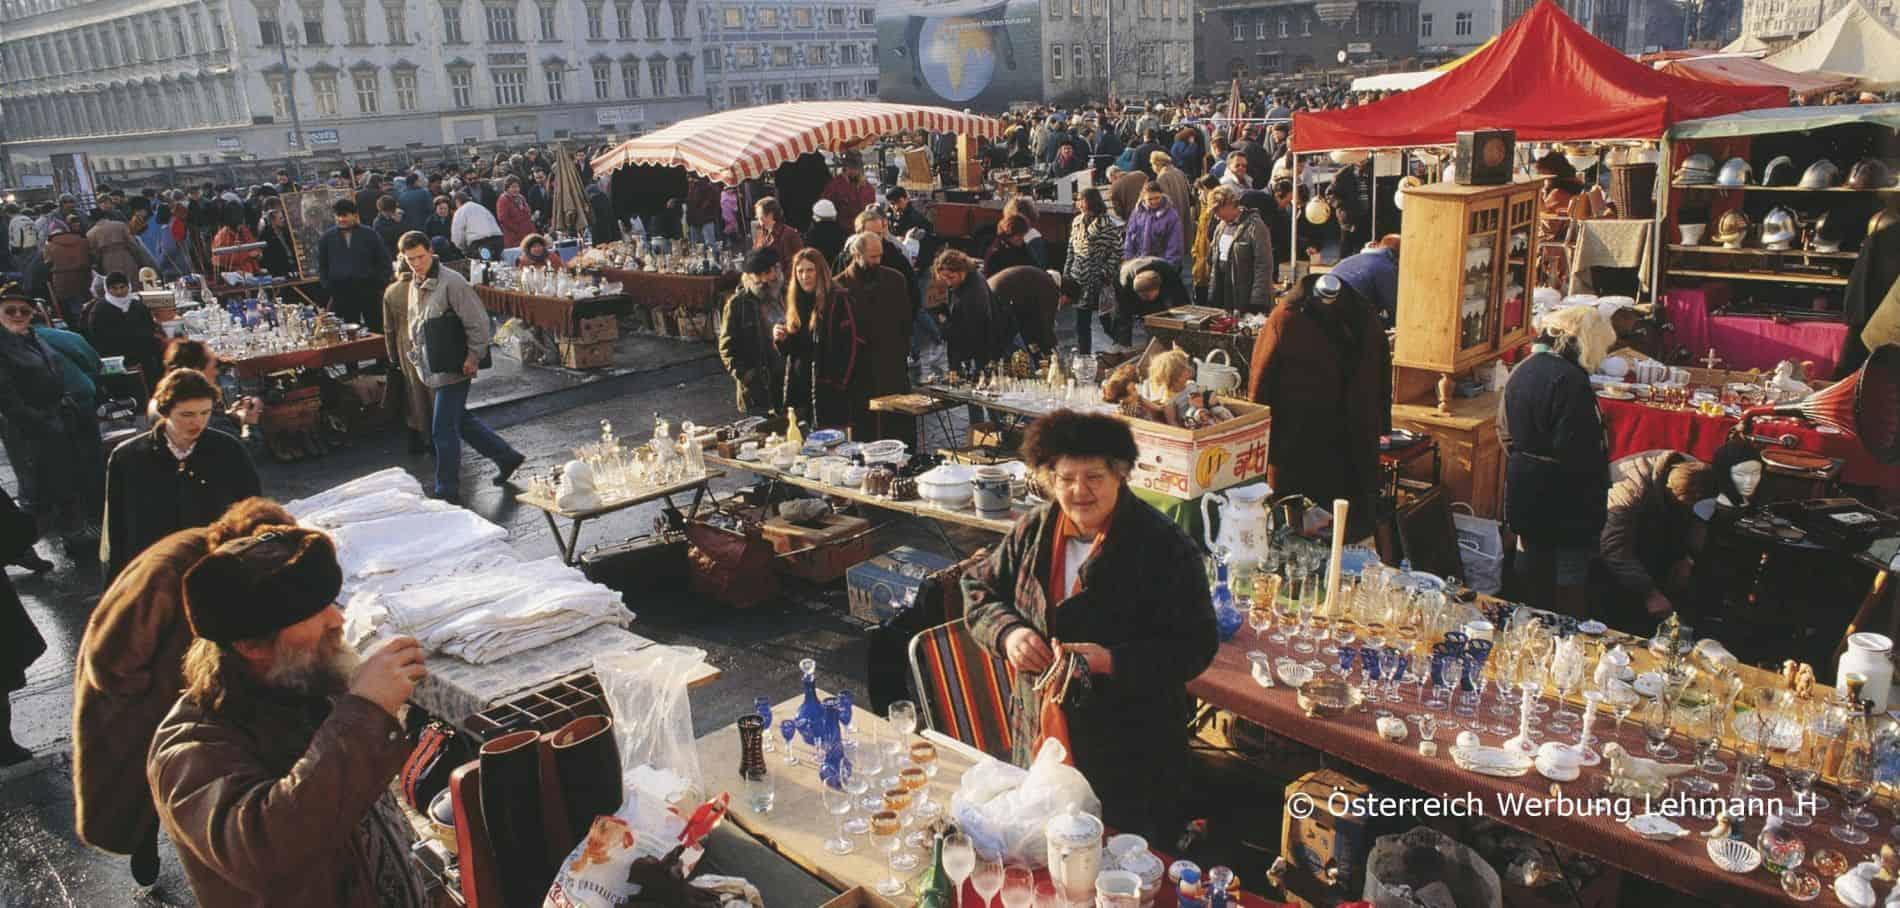 Naschmarkt - Best Places to Visit in Vienna